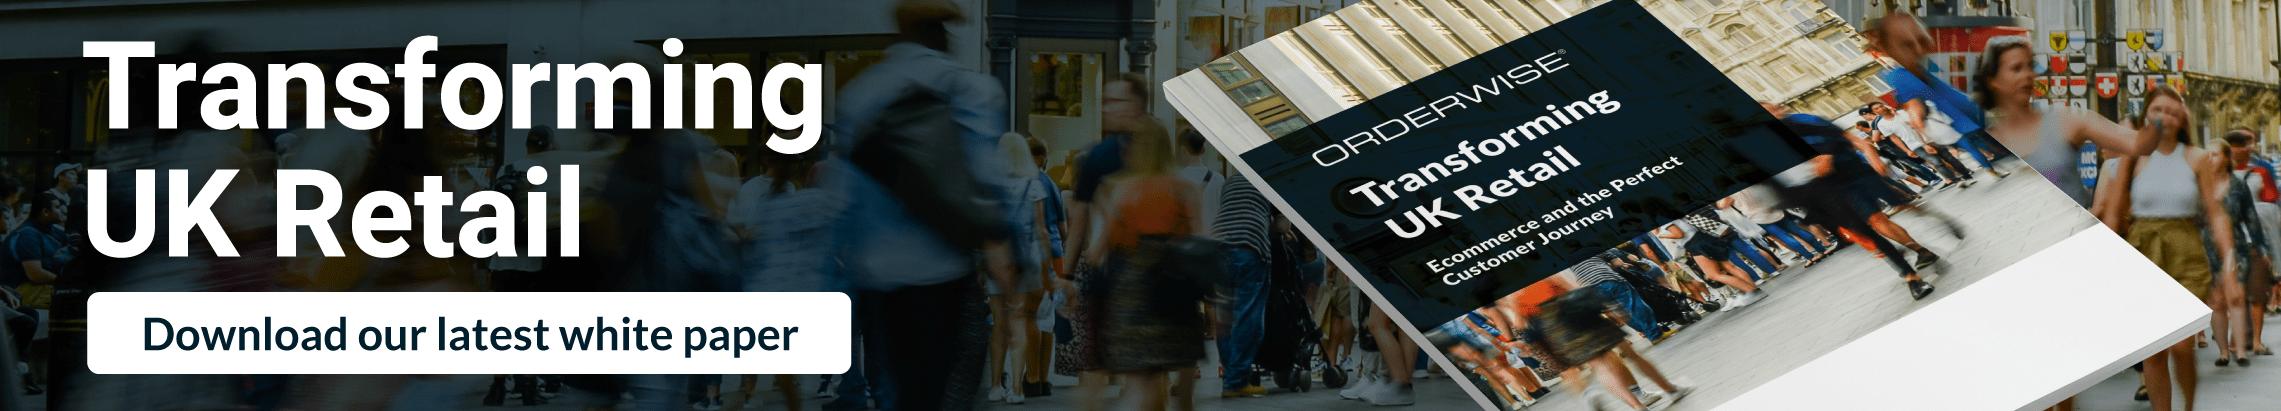 Transforming UK Retail Large | Orderwise